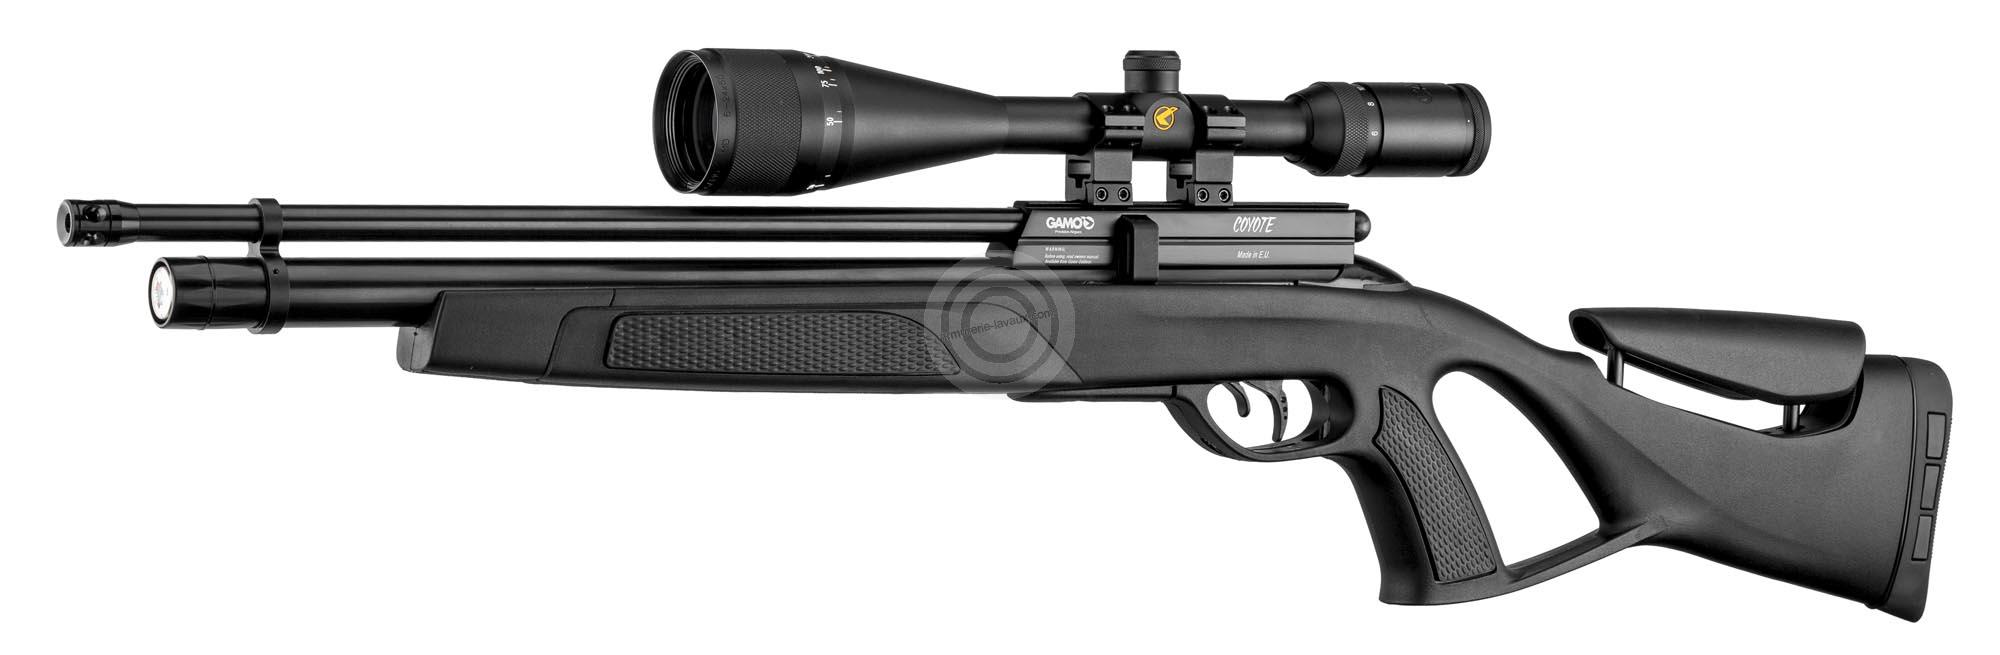 Carabine PCP GAMO Coyote Synthétique (40 J) cal.5,5mm avec lunette GAMO 6-24x50 et pompe